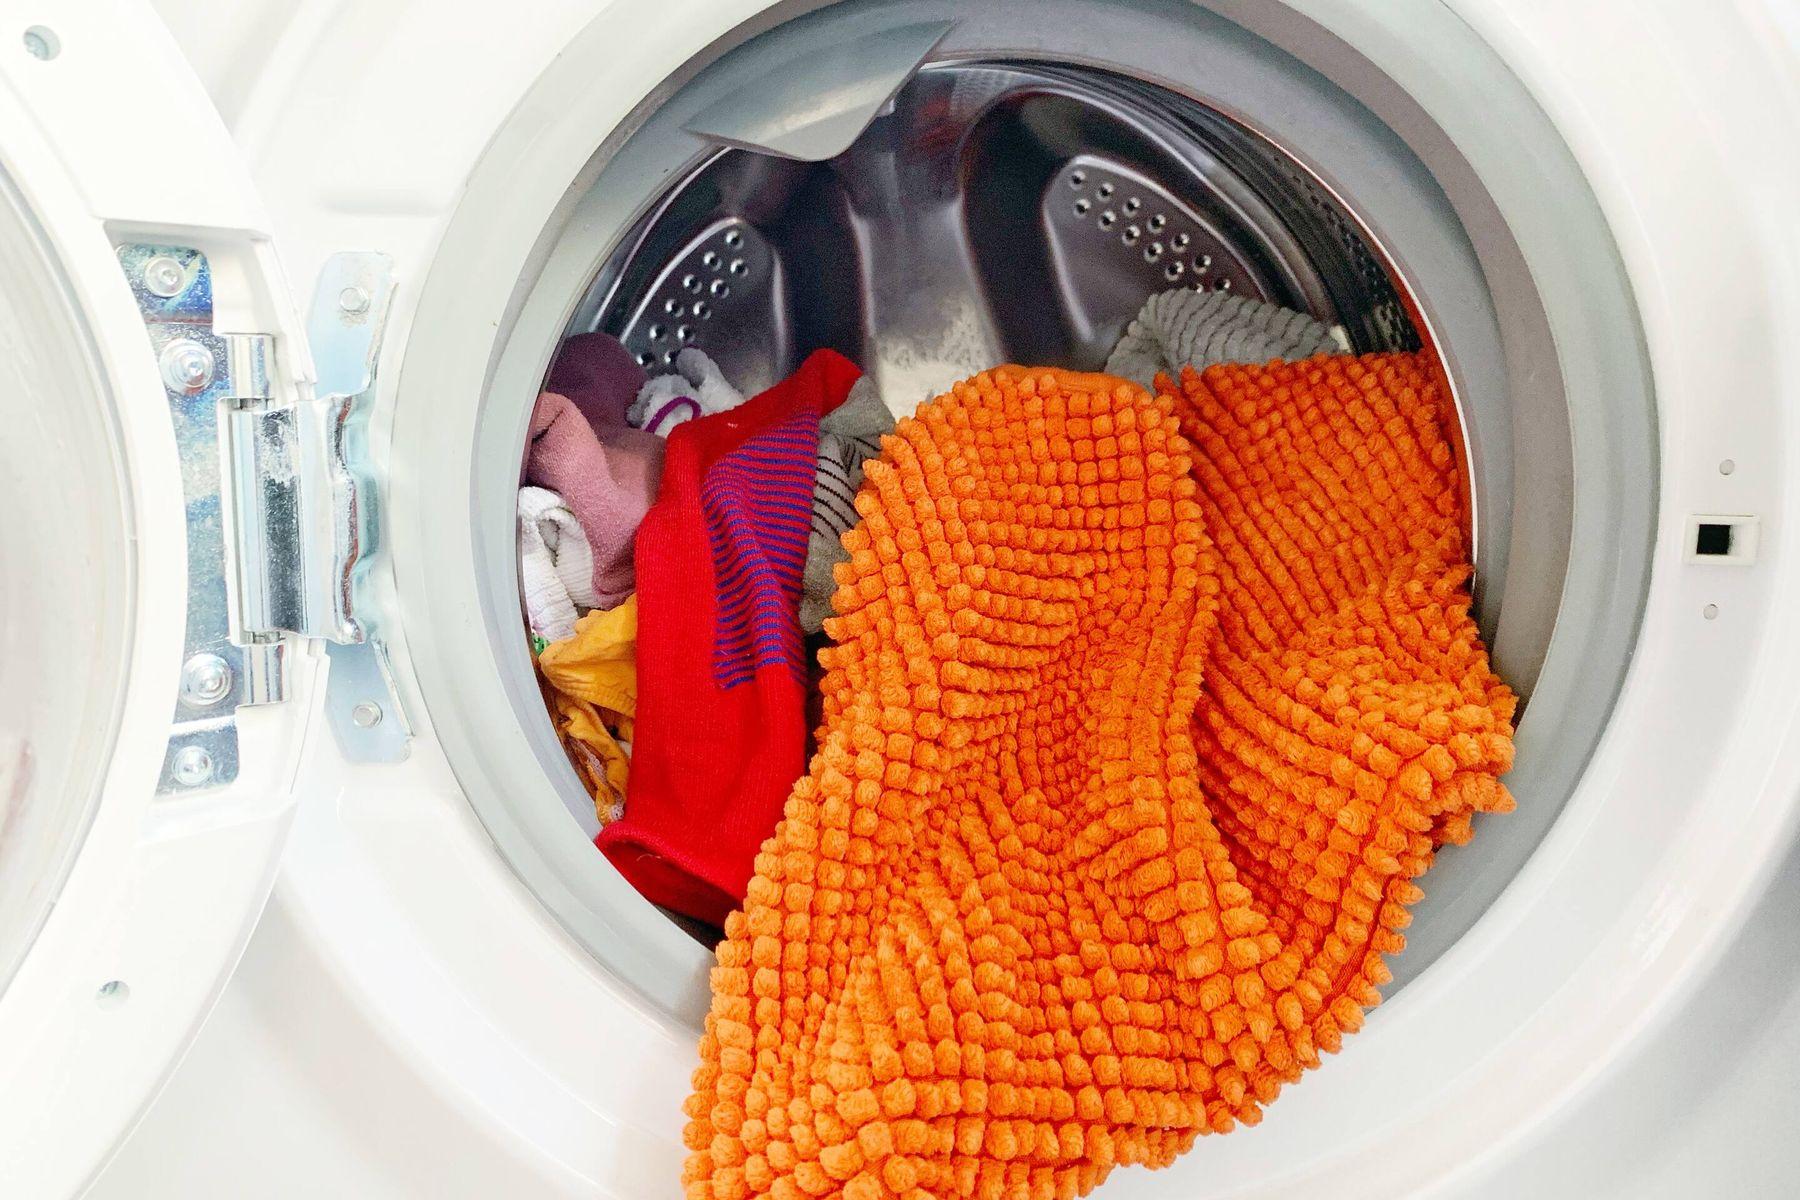 การซักผ้าด้วยเครื่องซักผ้า